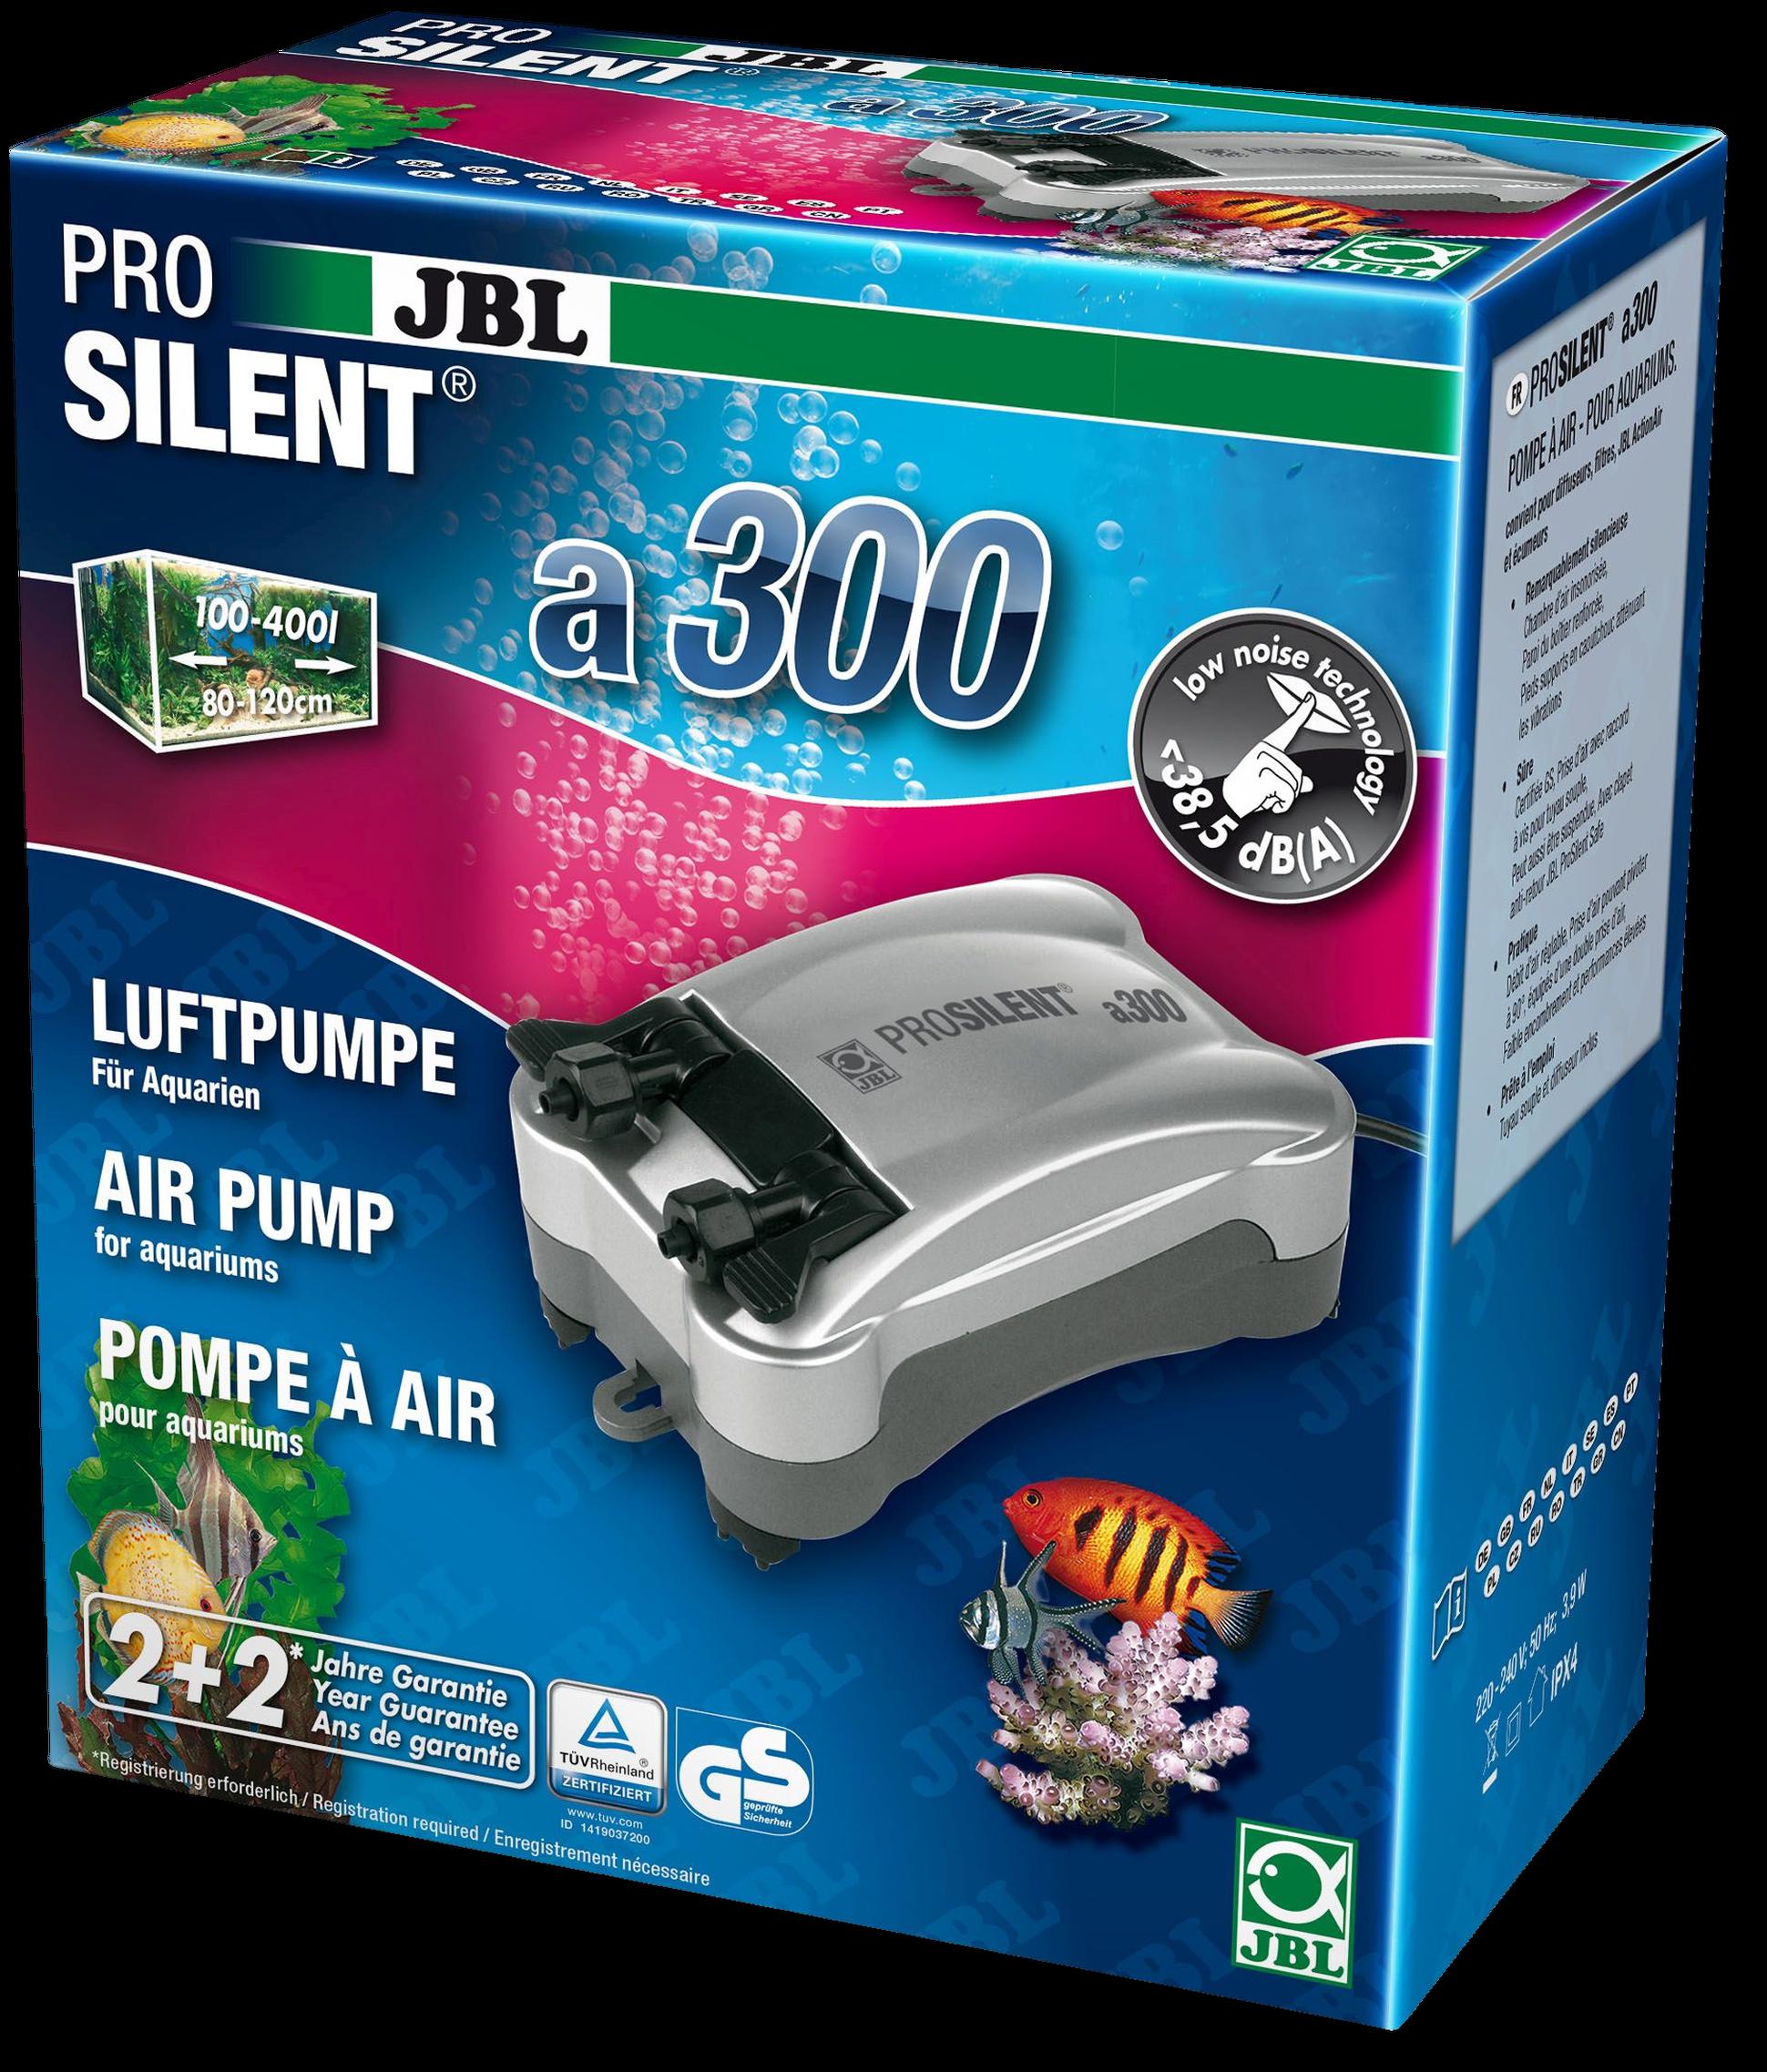 [282.6054300]  JBL ProSilent a300 - Компрессор для пресноводных и морских аквариумов 100-400 л 3,9 Вт